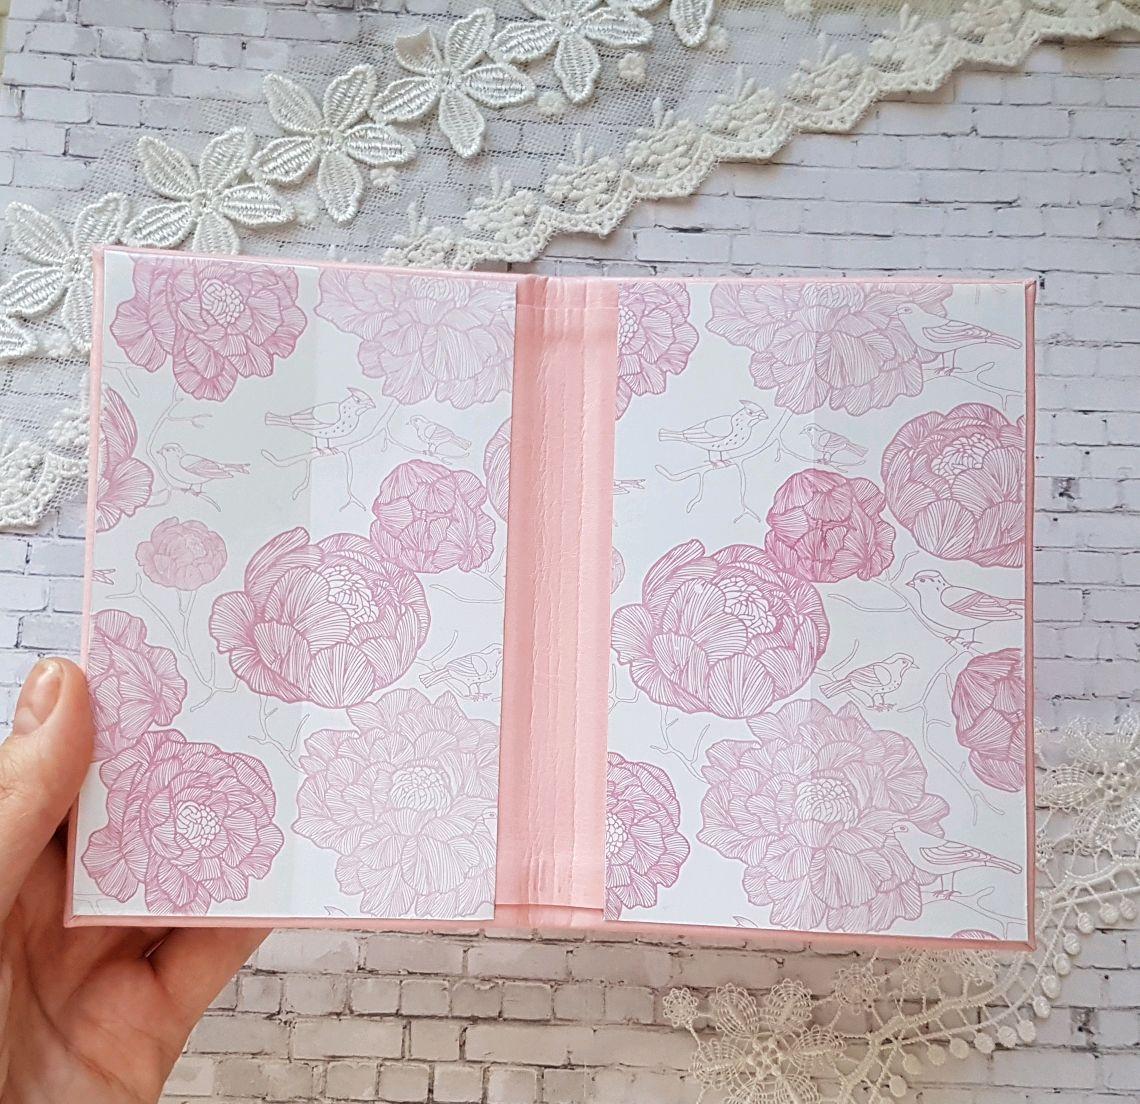 Мастер-класс поделка изделие аппликация роспись обложка на паспорт своими руками м к картон клей кожа краска